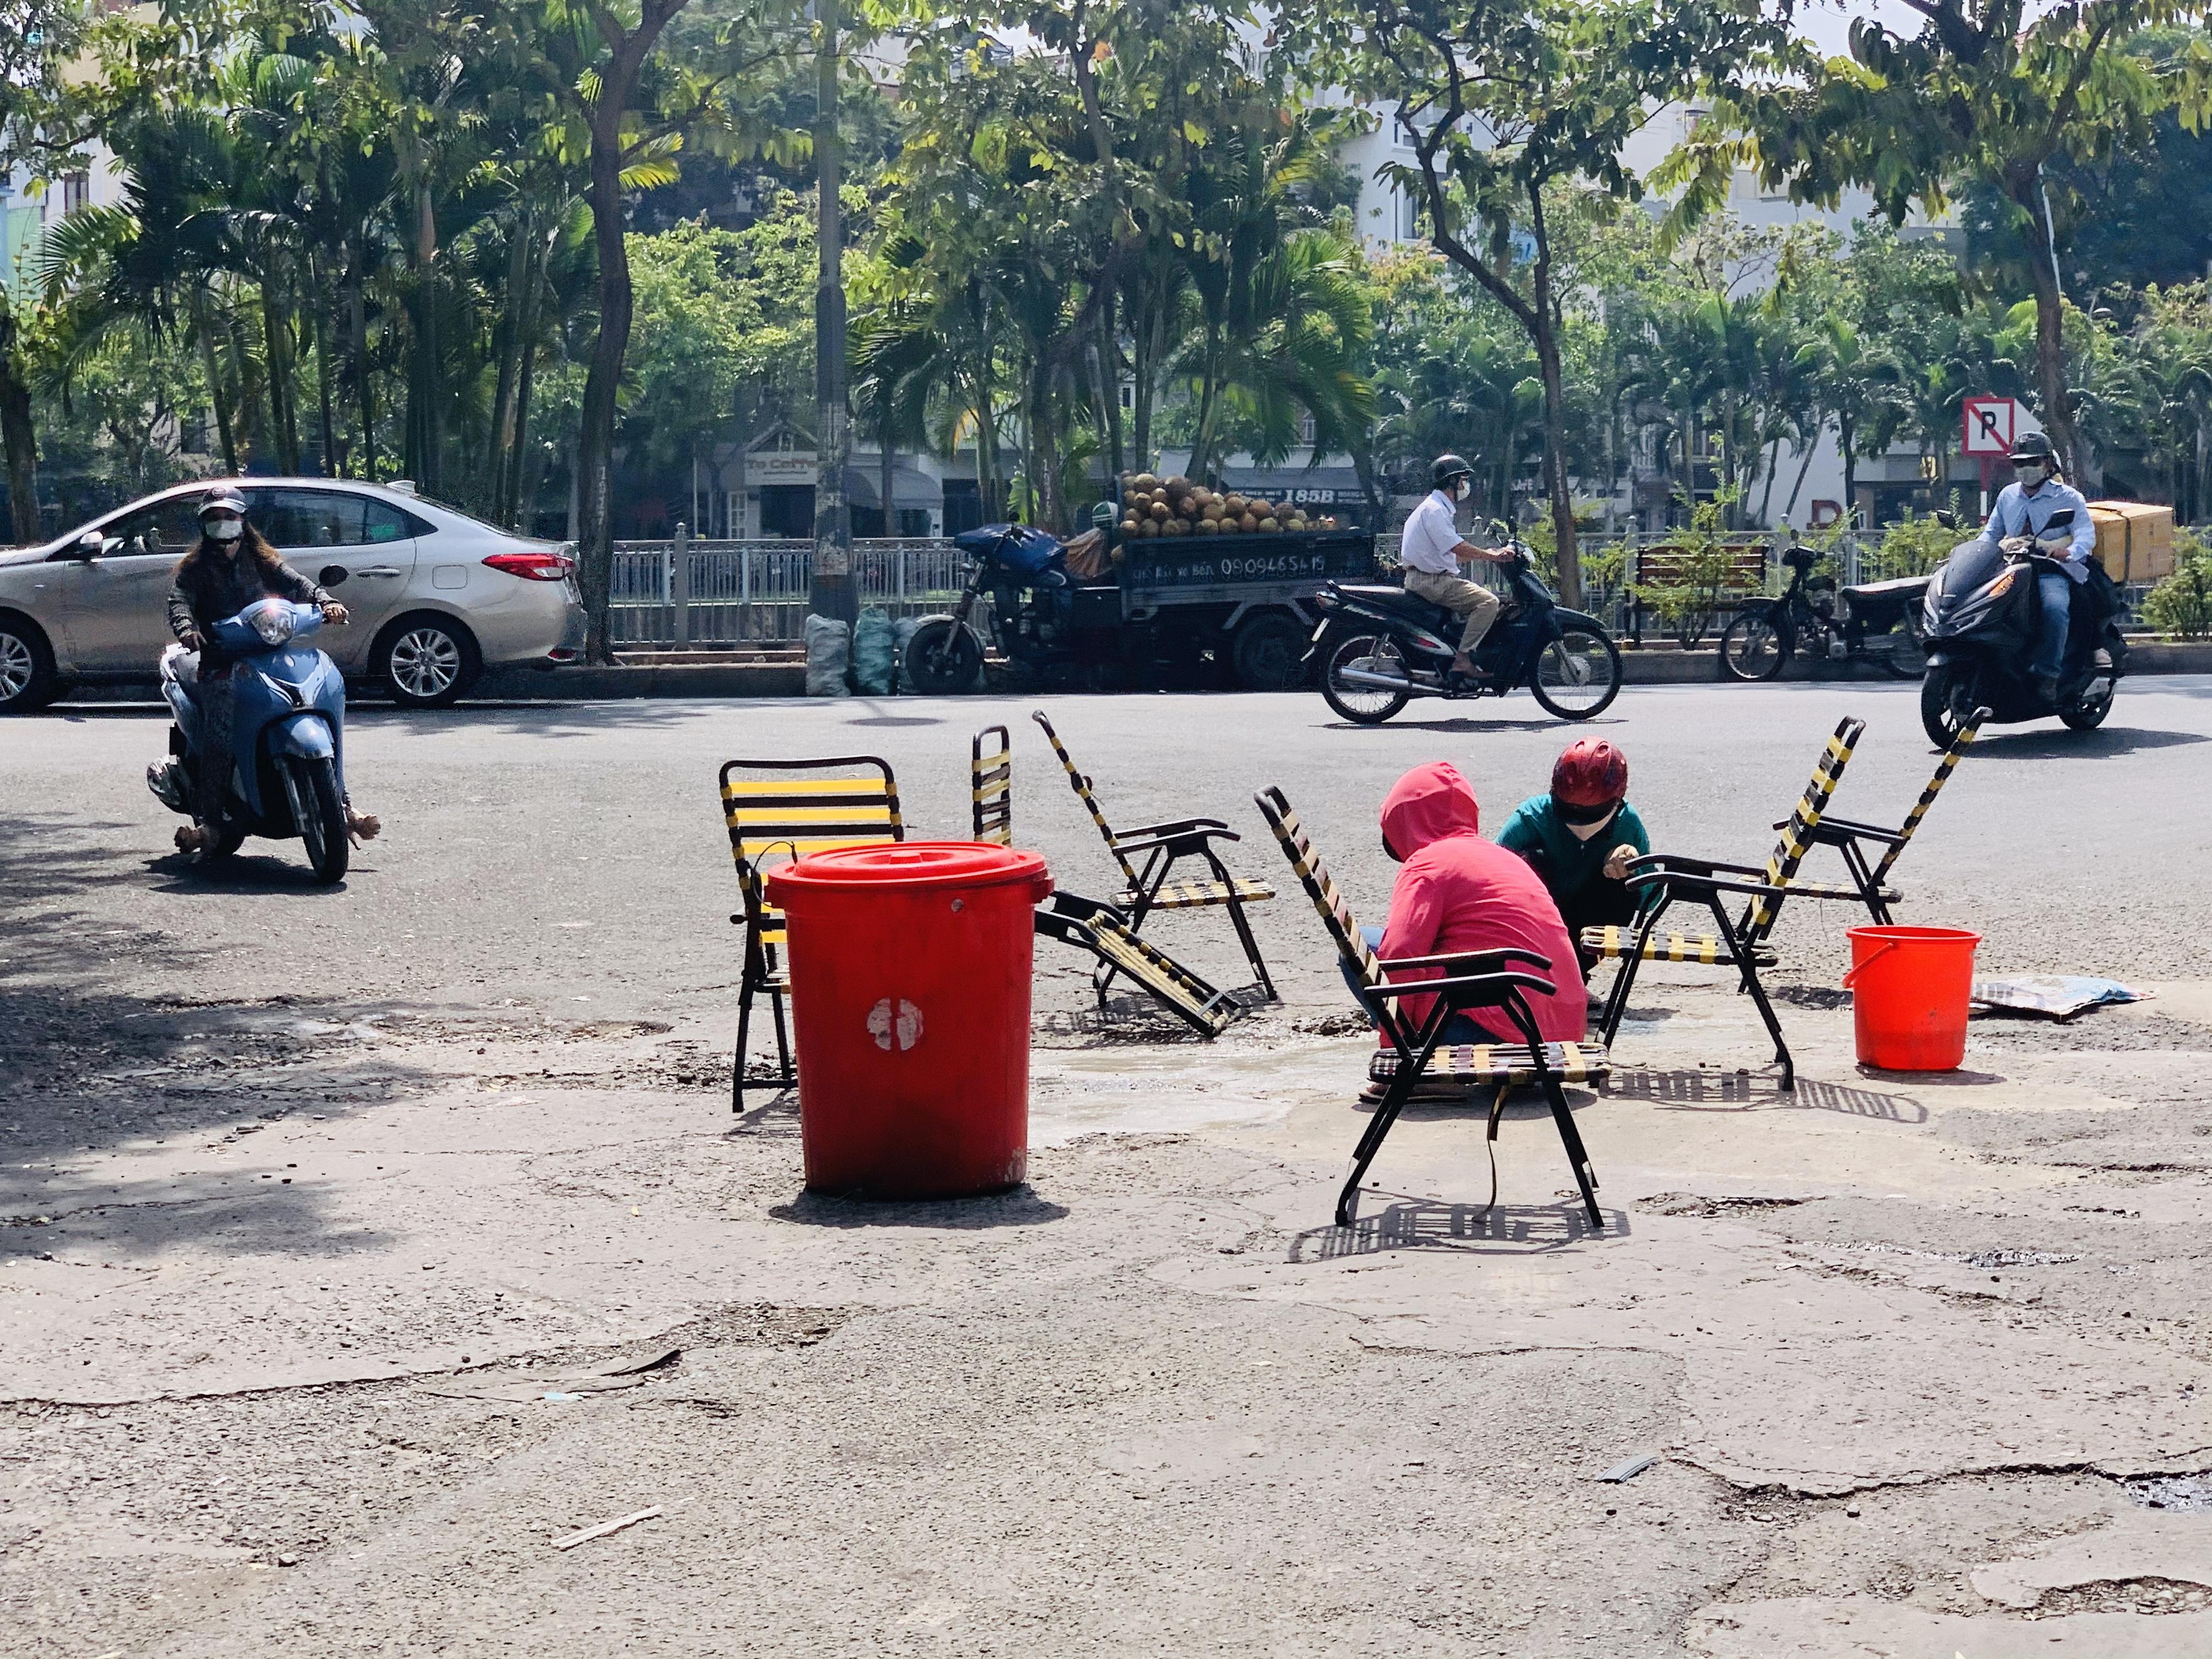 Hai phụ nữ đội nắng vá đường ở TPHCM trong sự thán phục của nhiều người 2